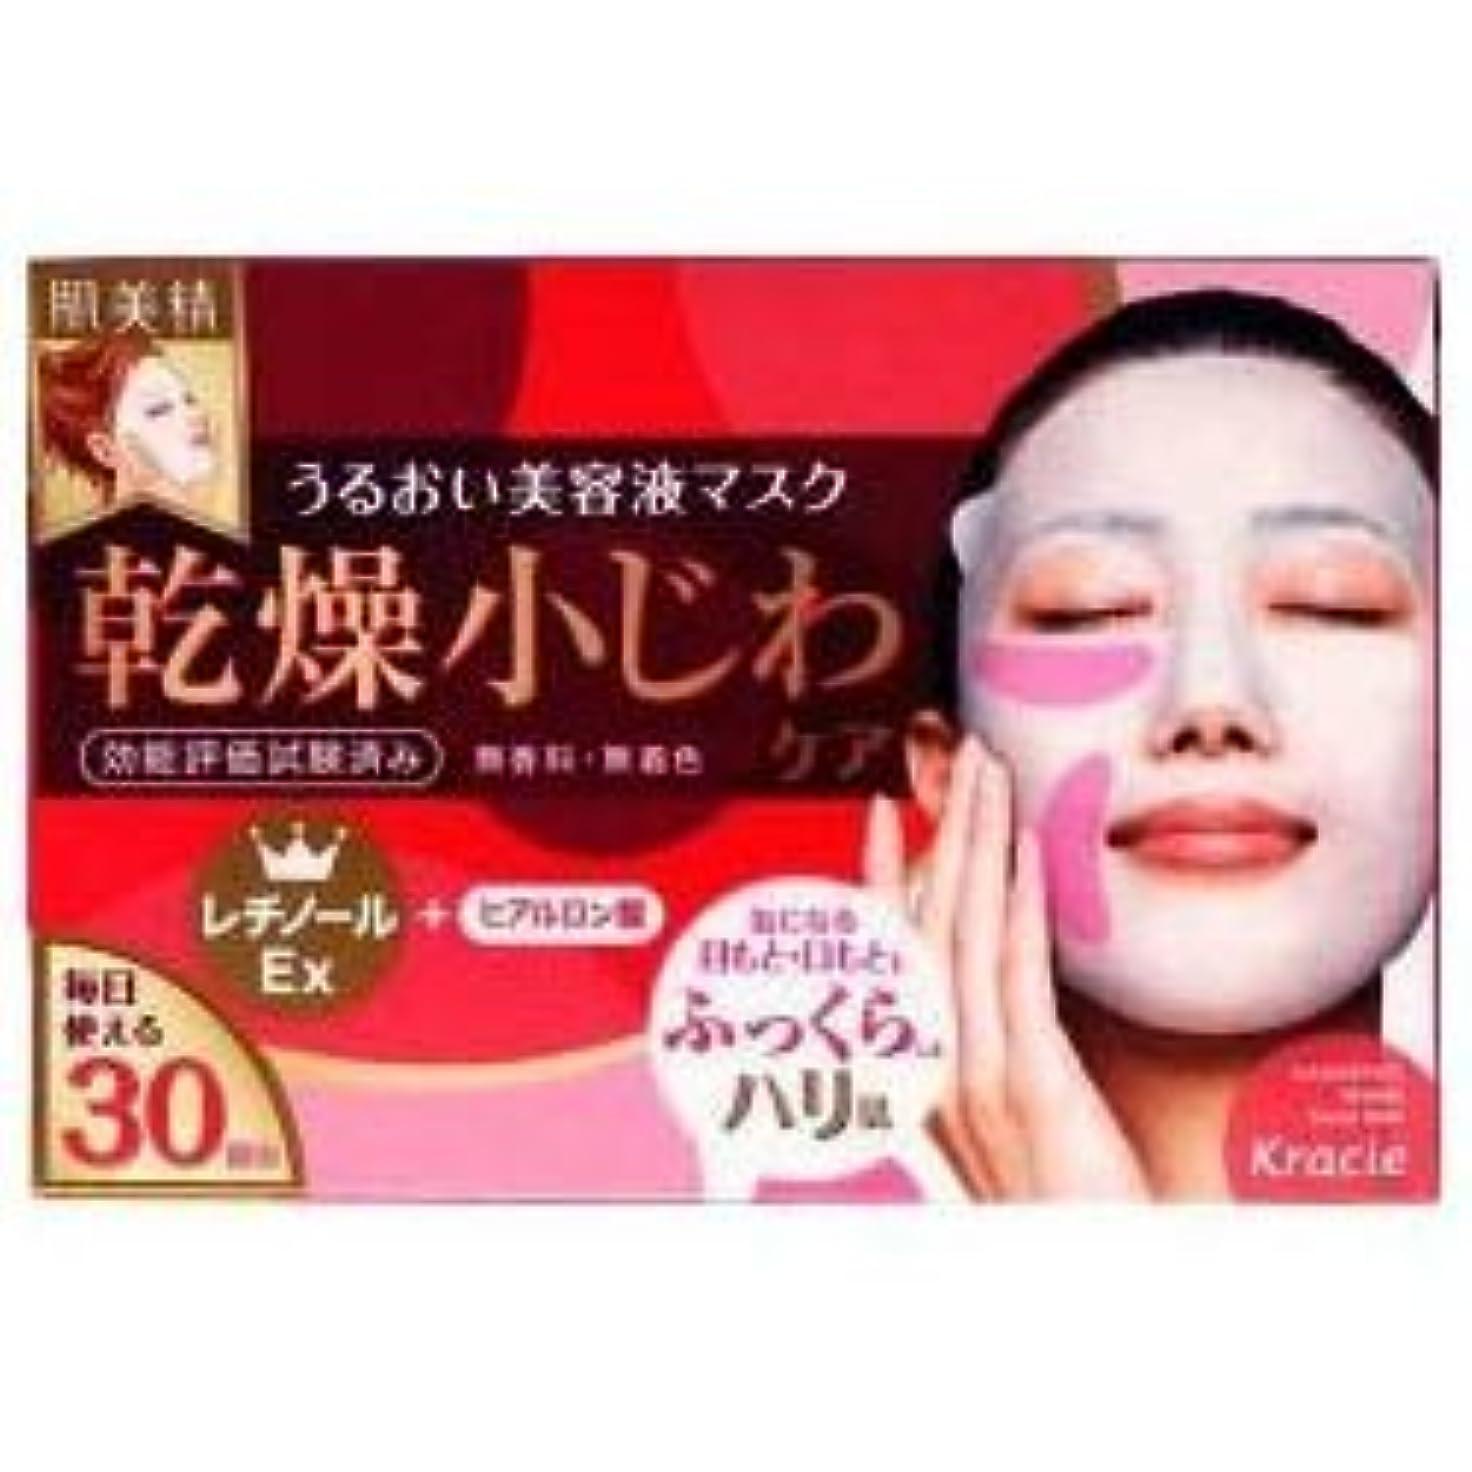 八百屋さんステンレスお尻【クラシエ】肌美精 デイリーリンクルケア美容液マスク 30枚 ×5個セット